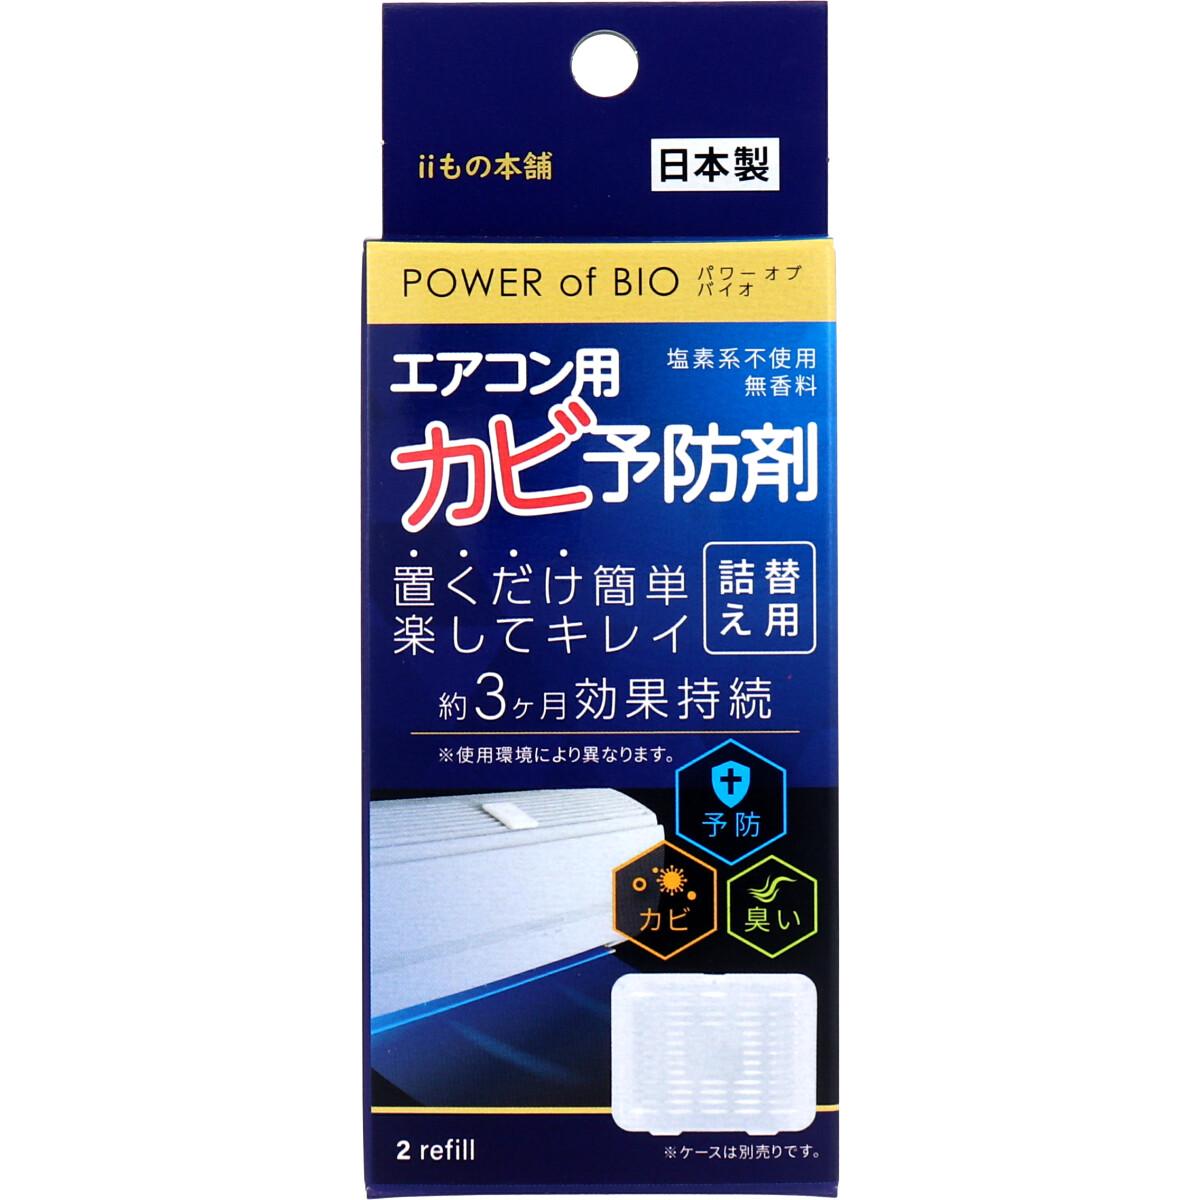 パワーオブバイオ エアコン用カビ予防剤 詰替用 2個入